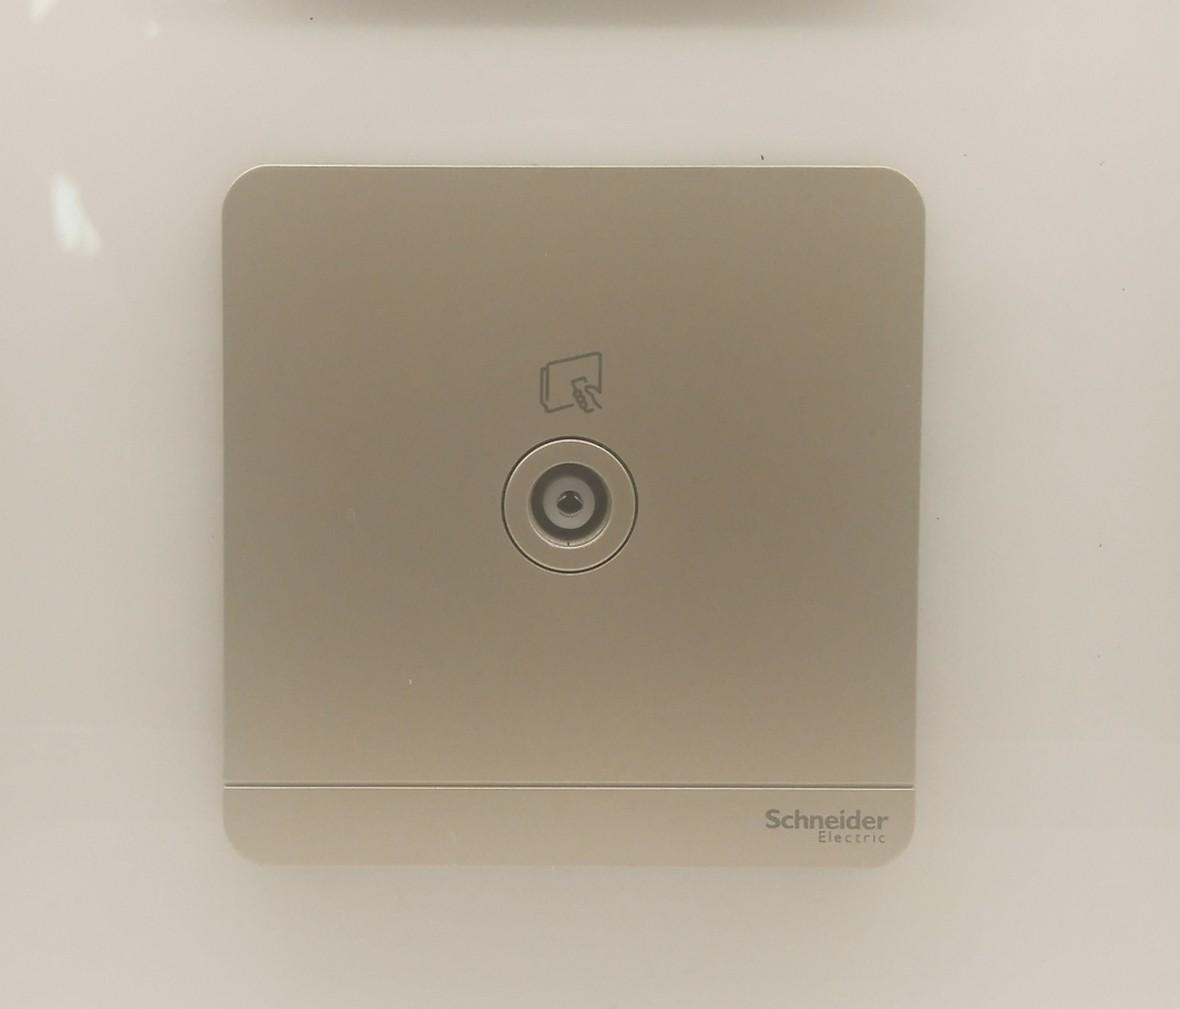 施耐德 蓝韵系列 电视插座 PC材质 耐高温 防漏电 安全插座 实拍